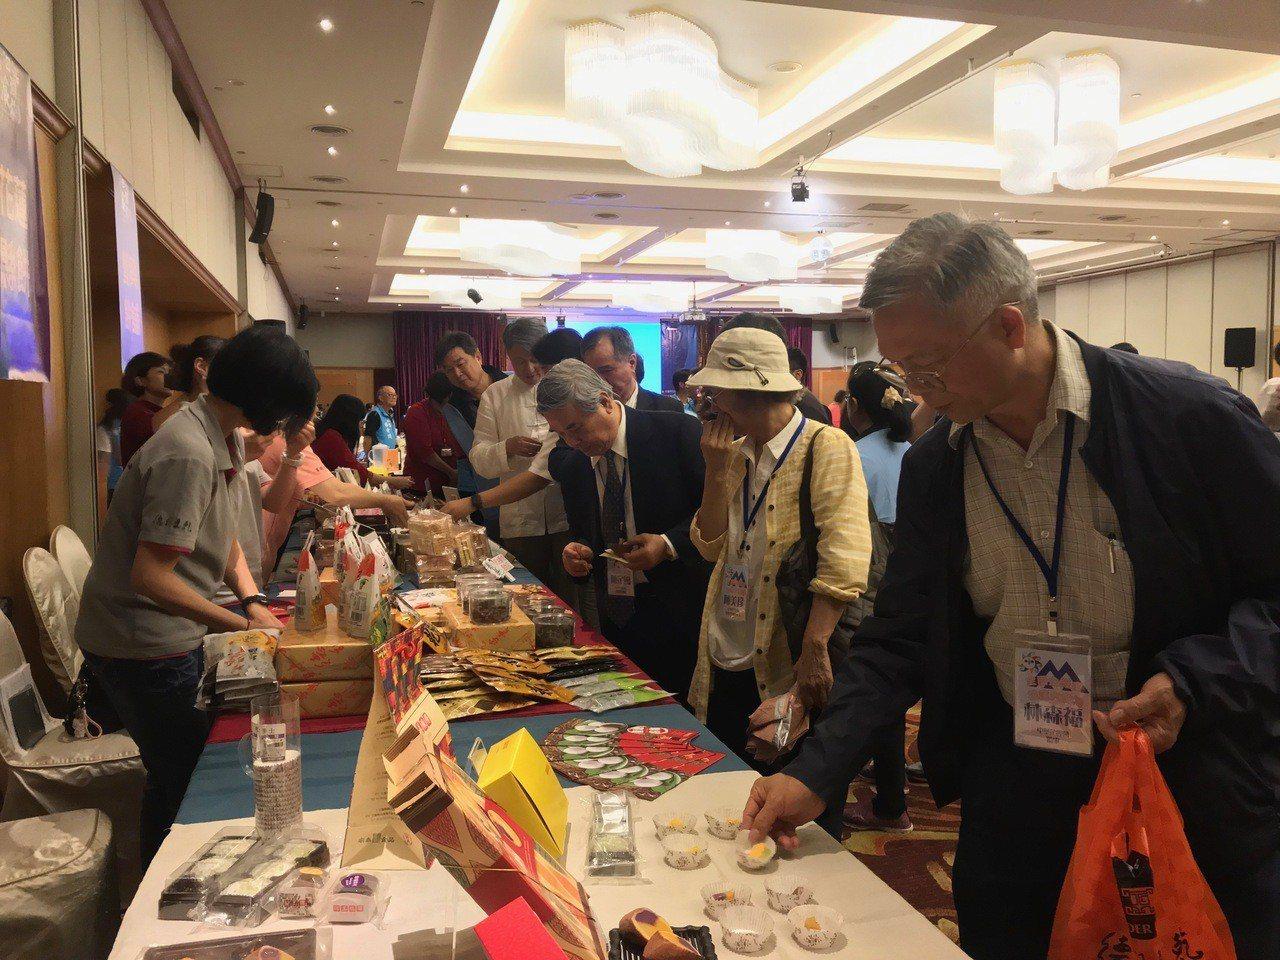 花蓮市公所舉辦「洄瀾食旅觀光推介會」,希望媒合觀光旅遊業者合作。記者王思慧/攝影